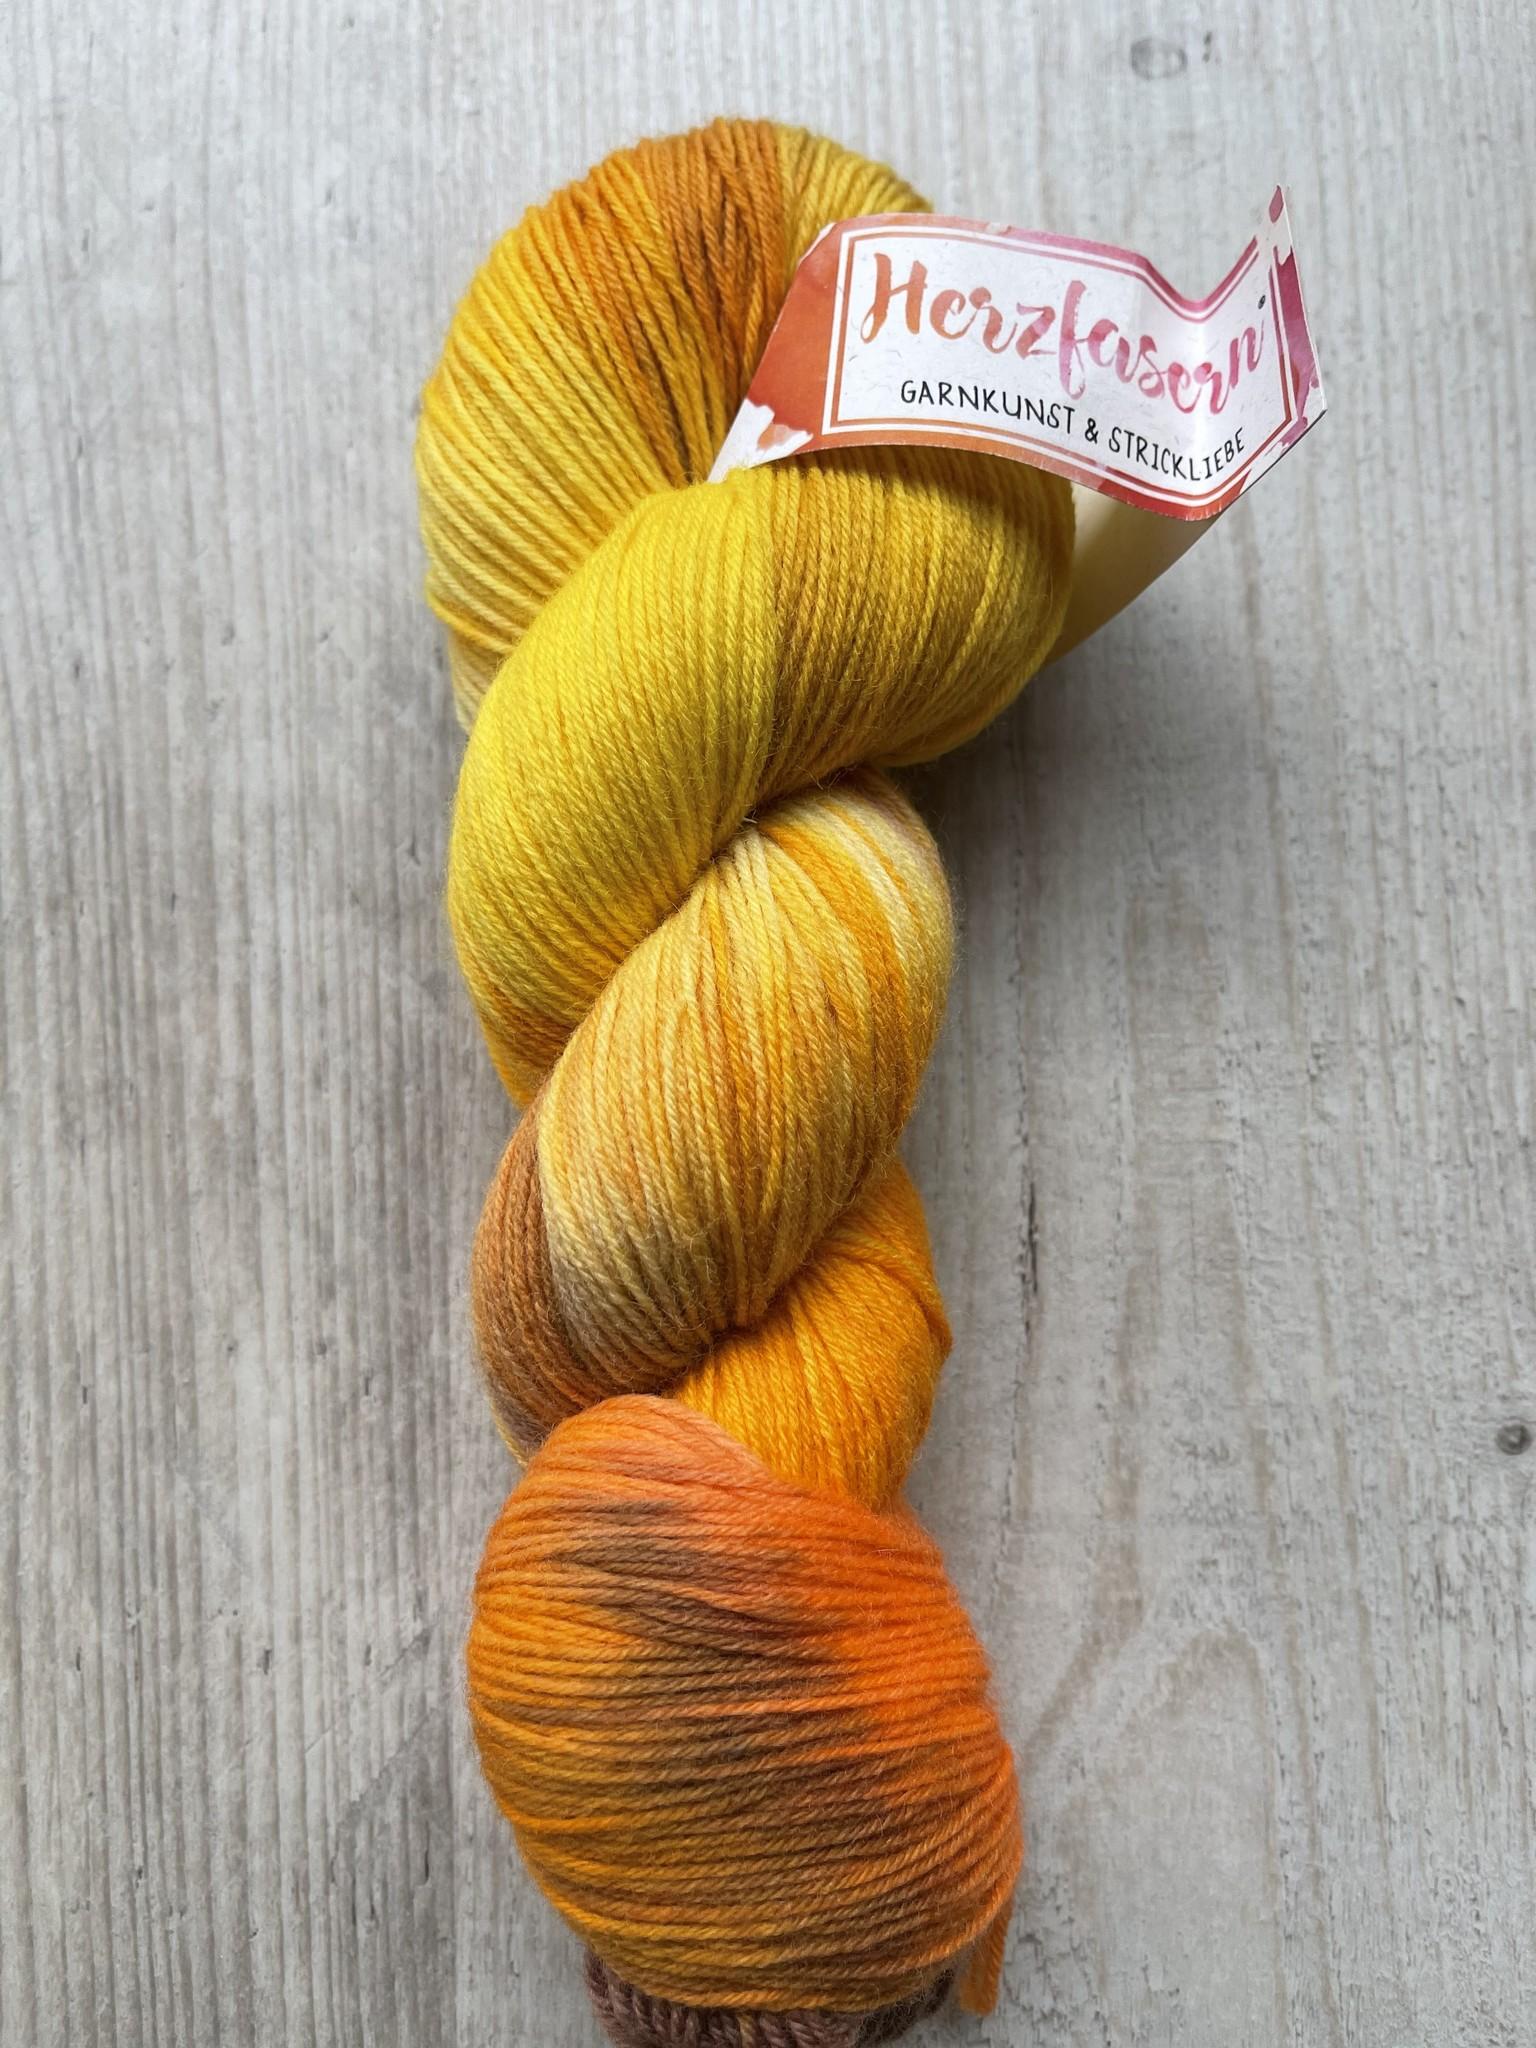 Herzfasern Sockenwolle -Herbstlaune